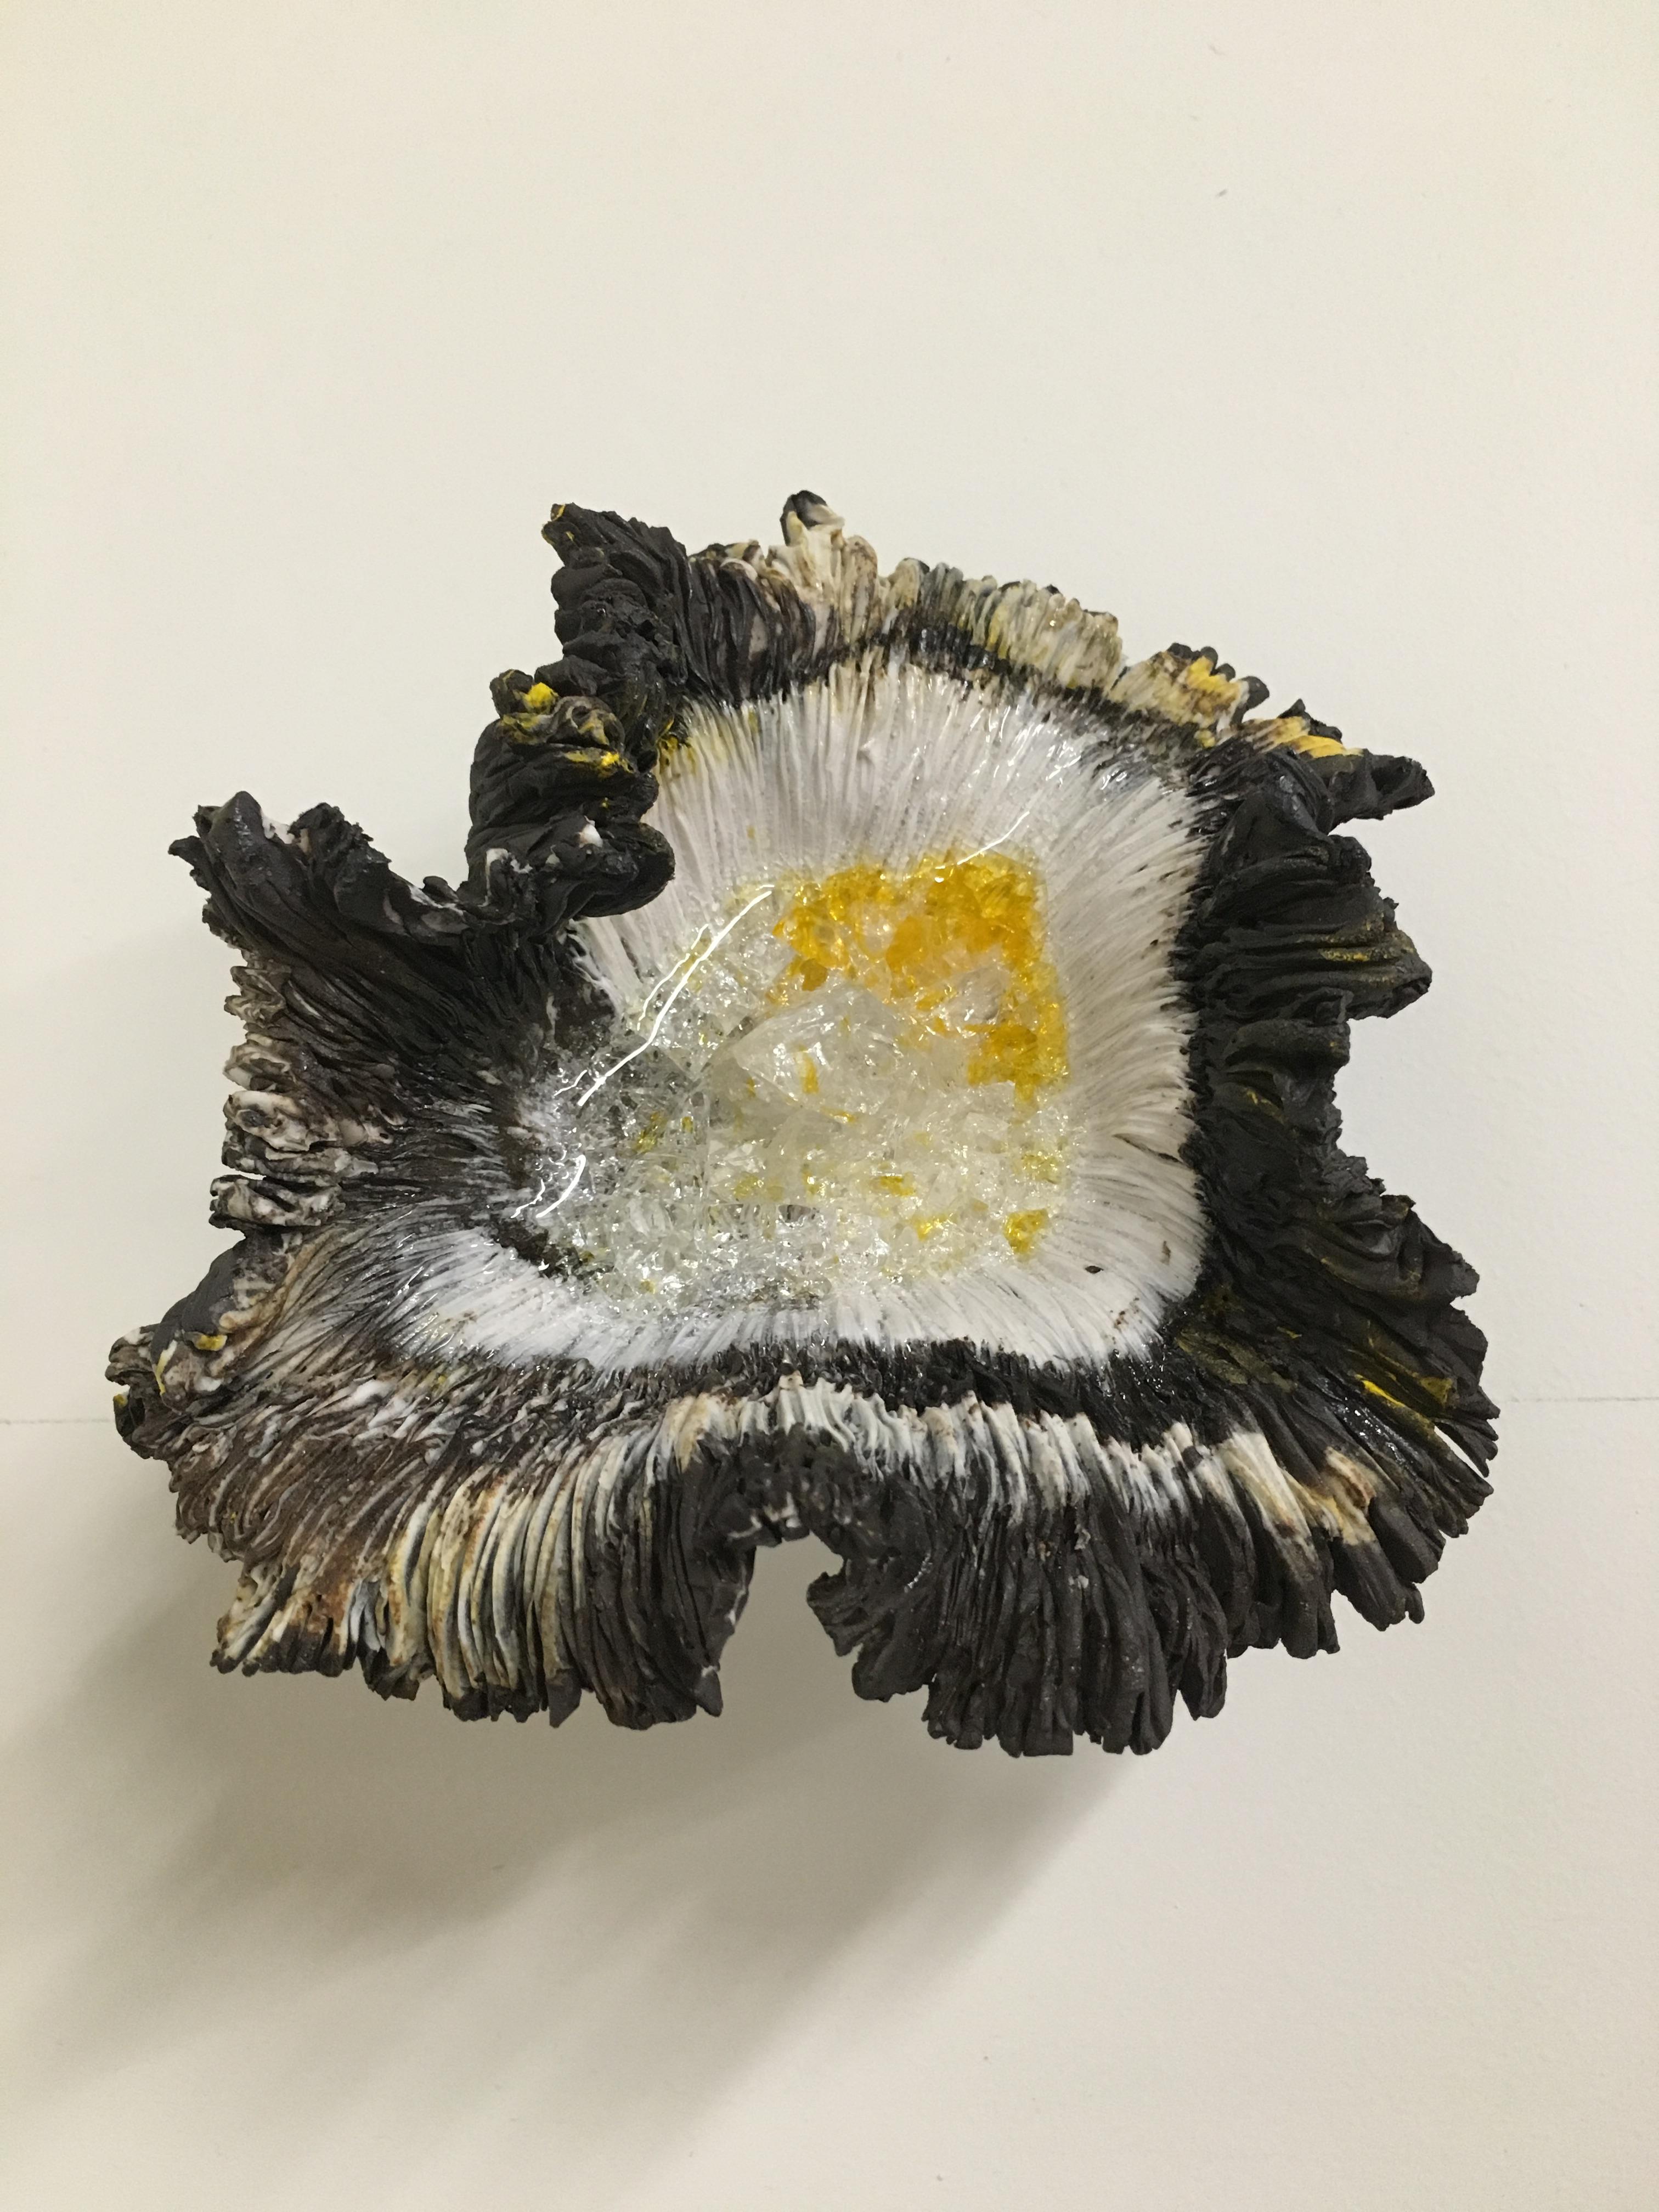 Debra Fleury clay artist. El Fuego